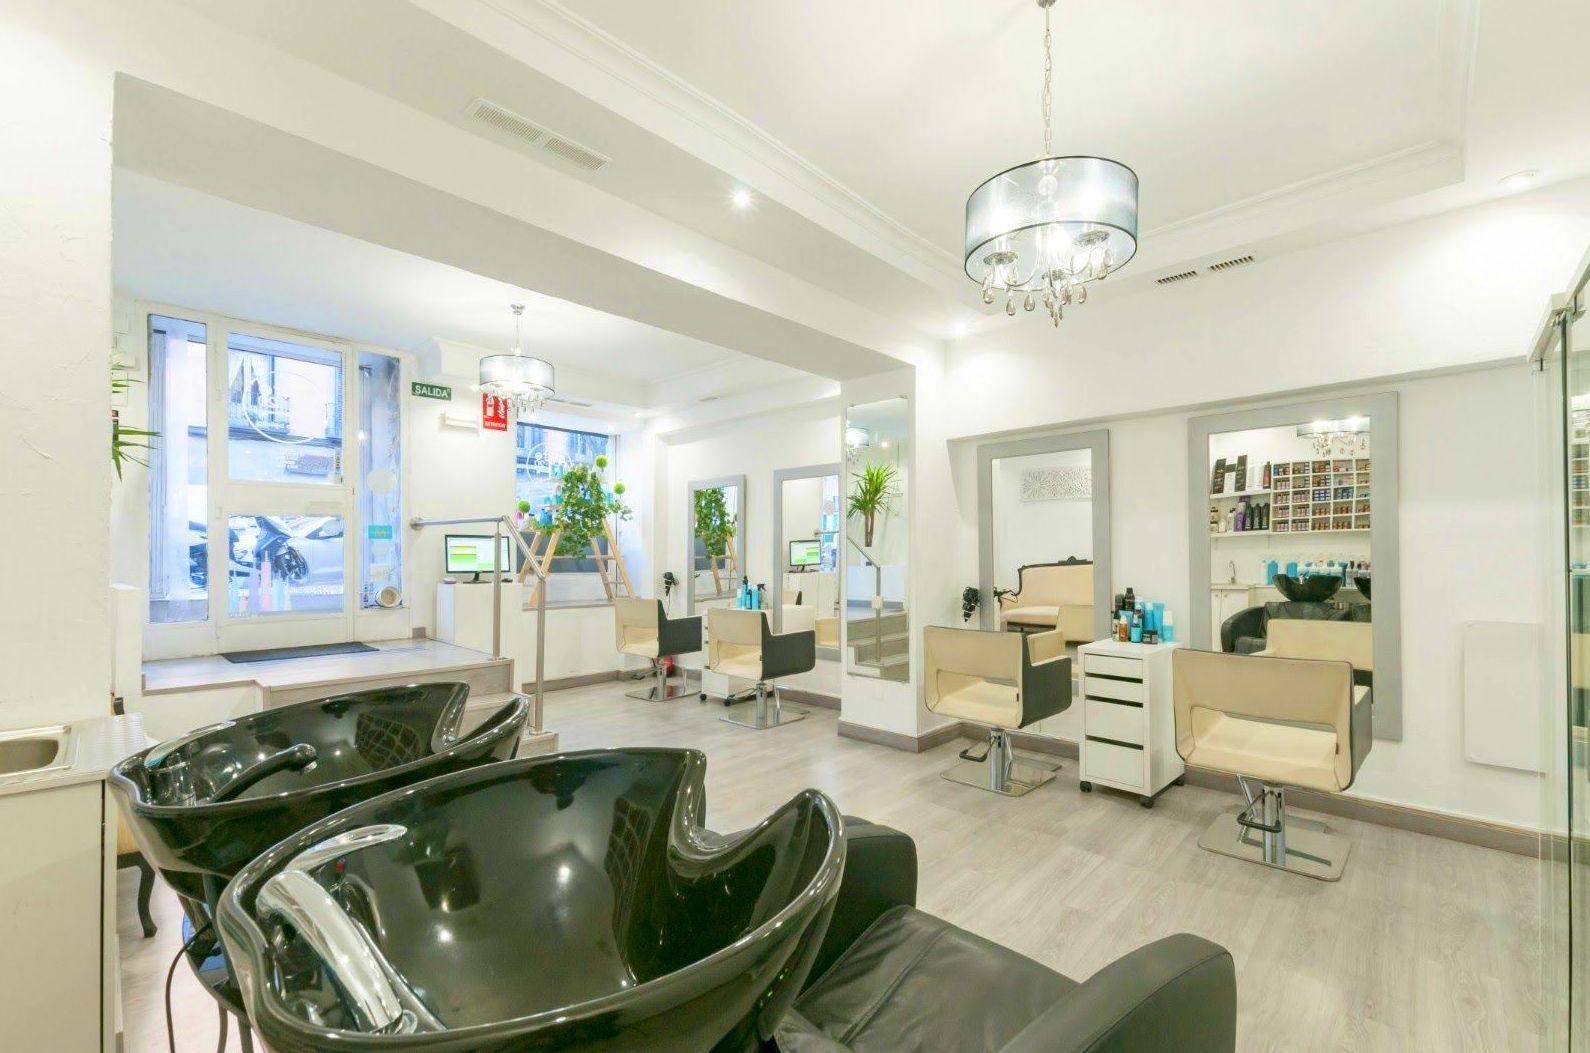 Suite 20 Salón de belleza Madrid